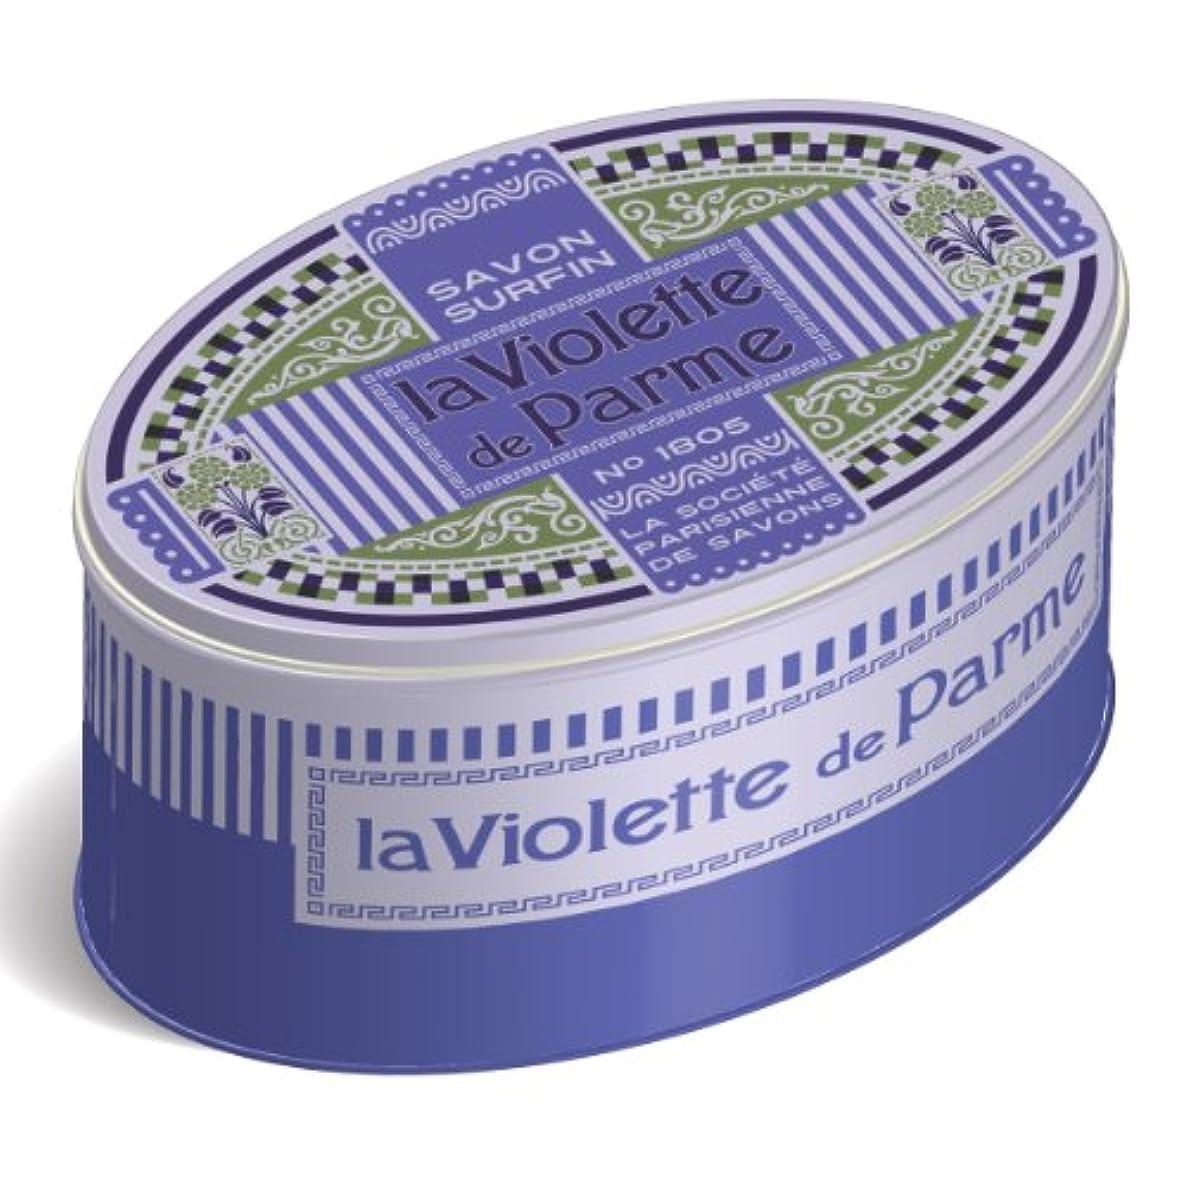 十代の若者たち概要オプションLA SOCIETE PARISIENNE DE SAVONS フレグランスソープ(缶入) 250g 「ラヴィオットデパルム」 3440576130614